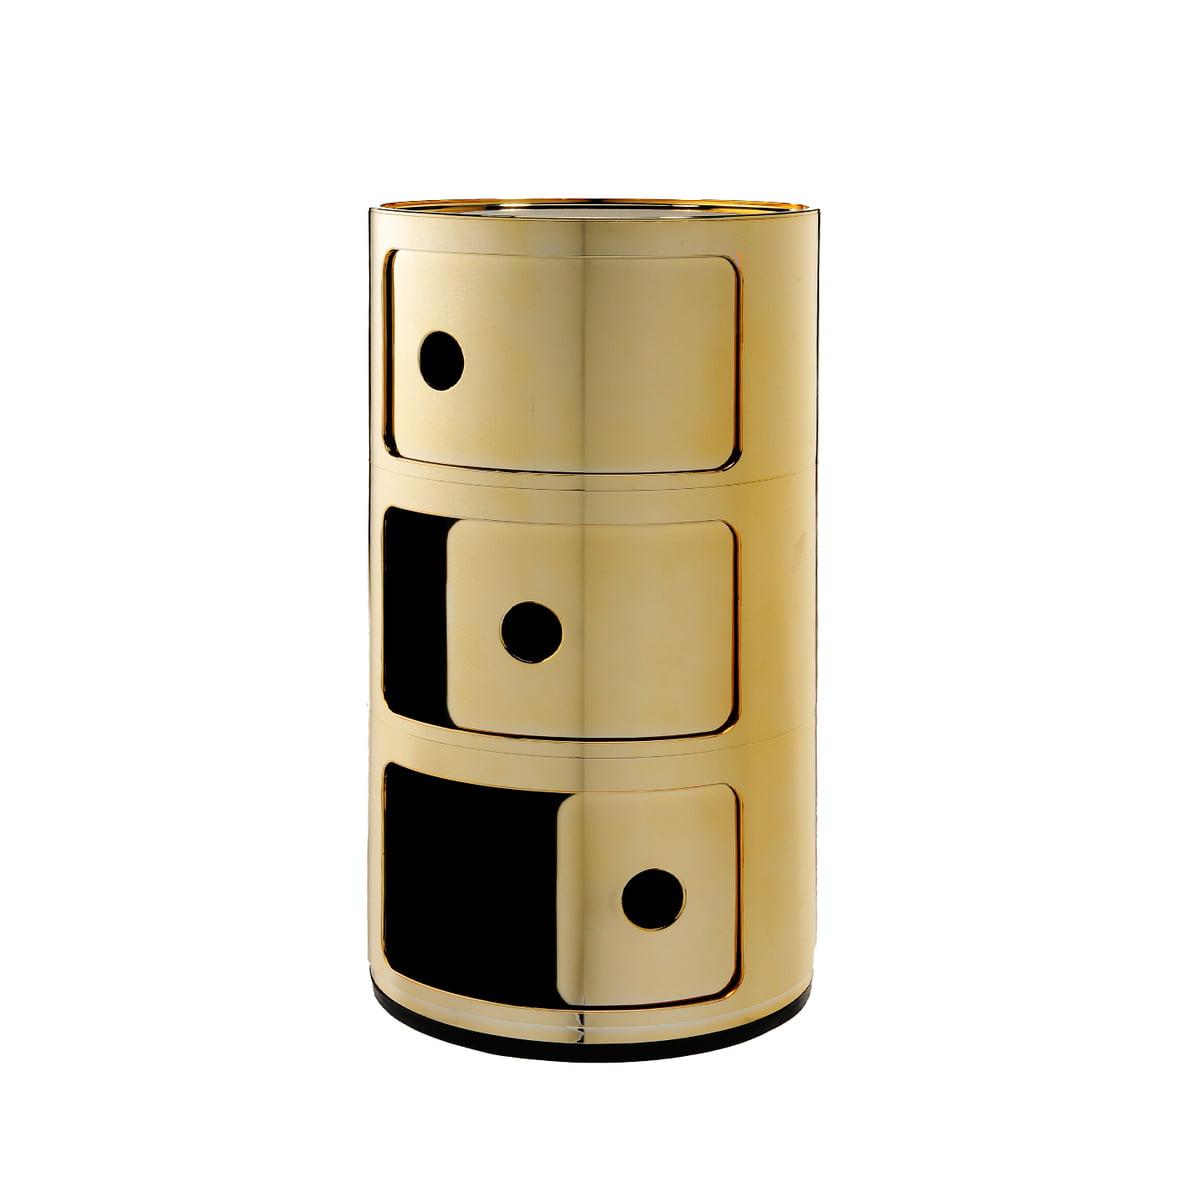 Componibili 5967 gold